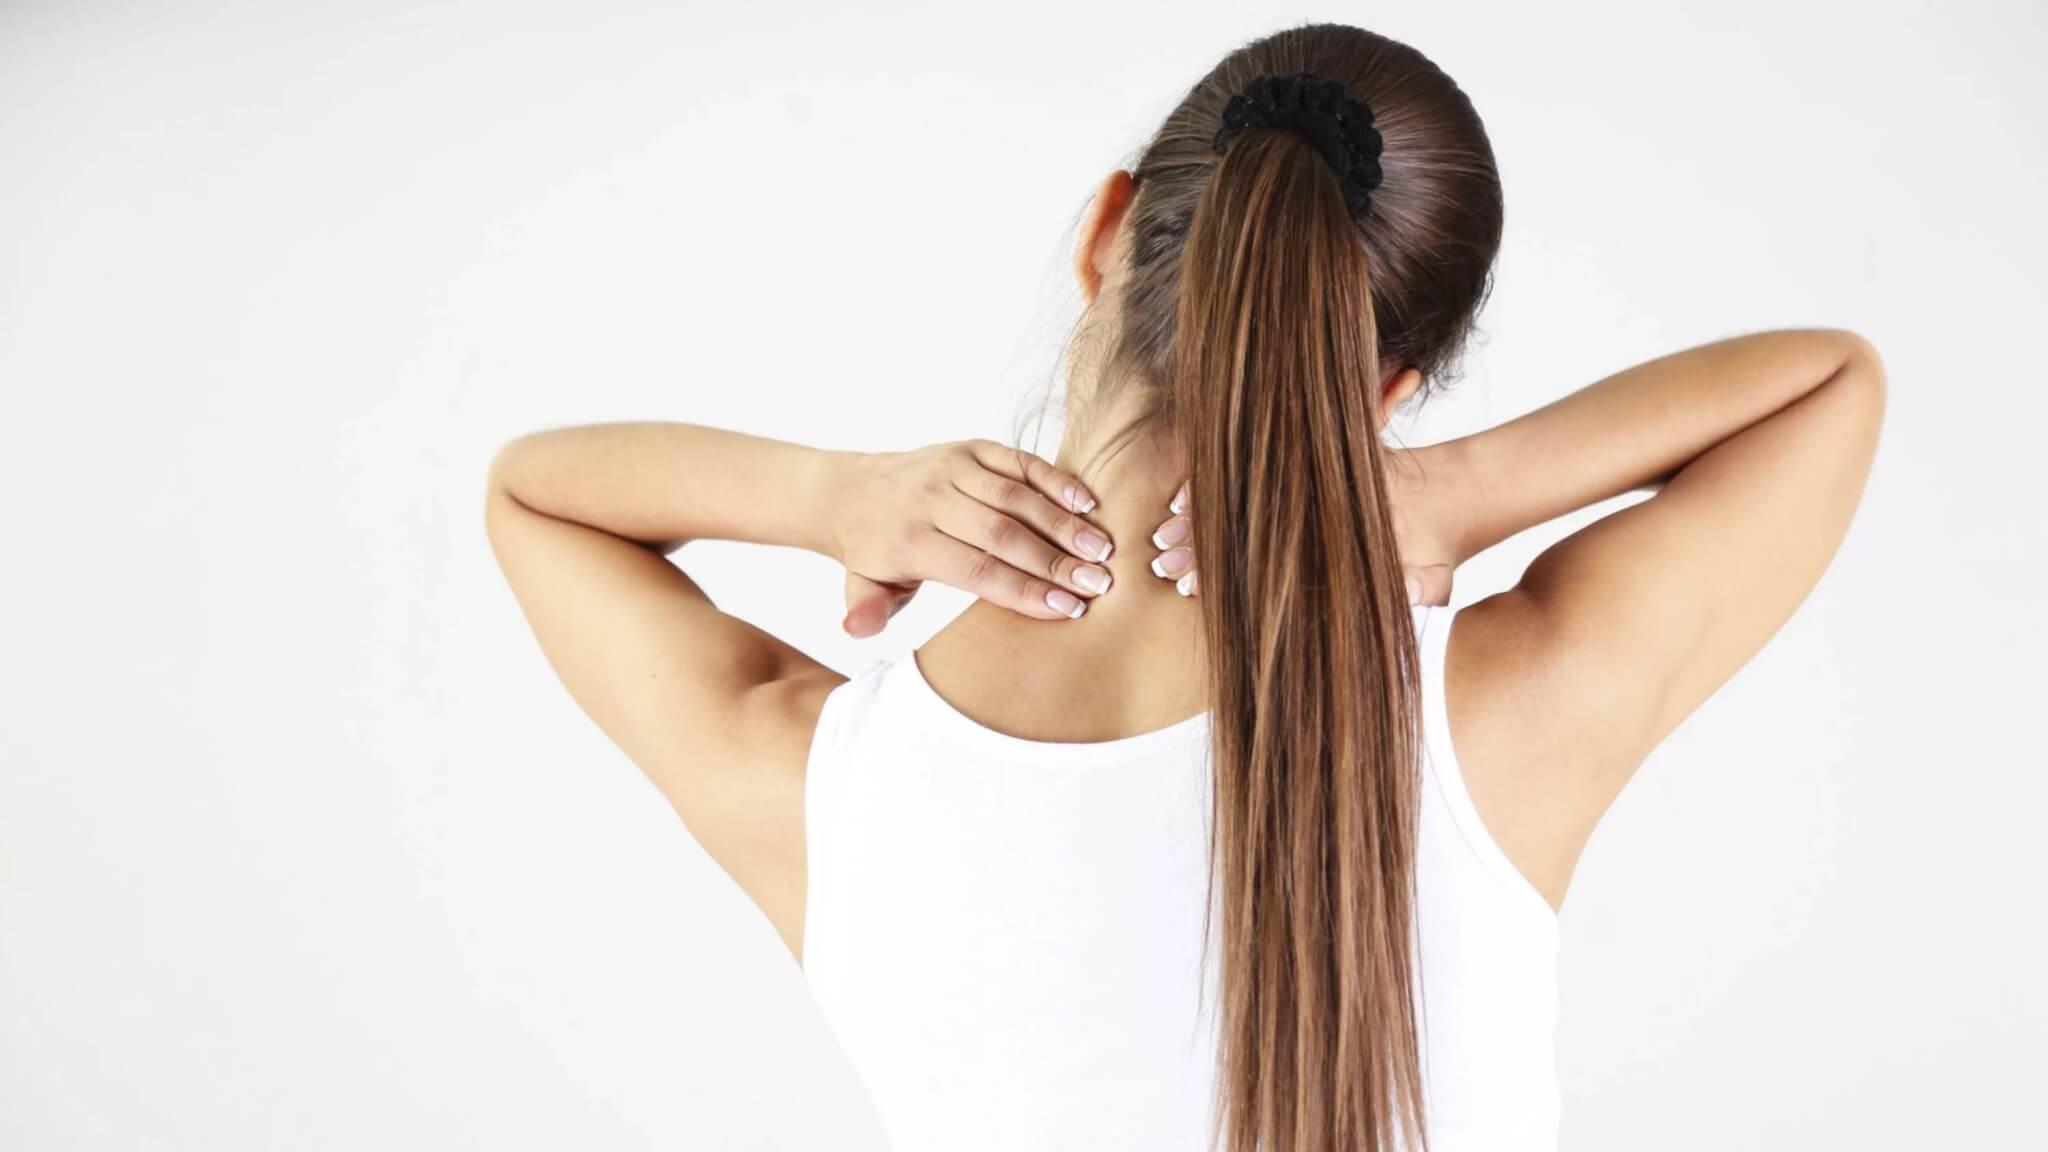 Лфк упражнения при остеохондрозе шейного отдела позвоночника